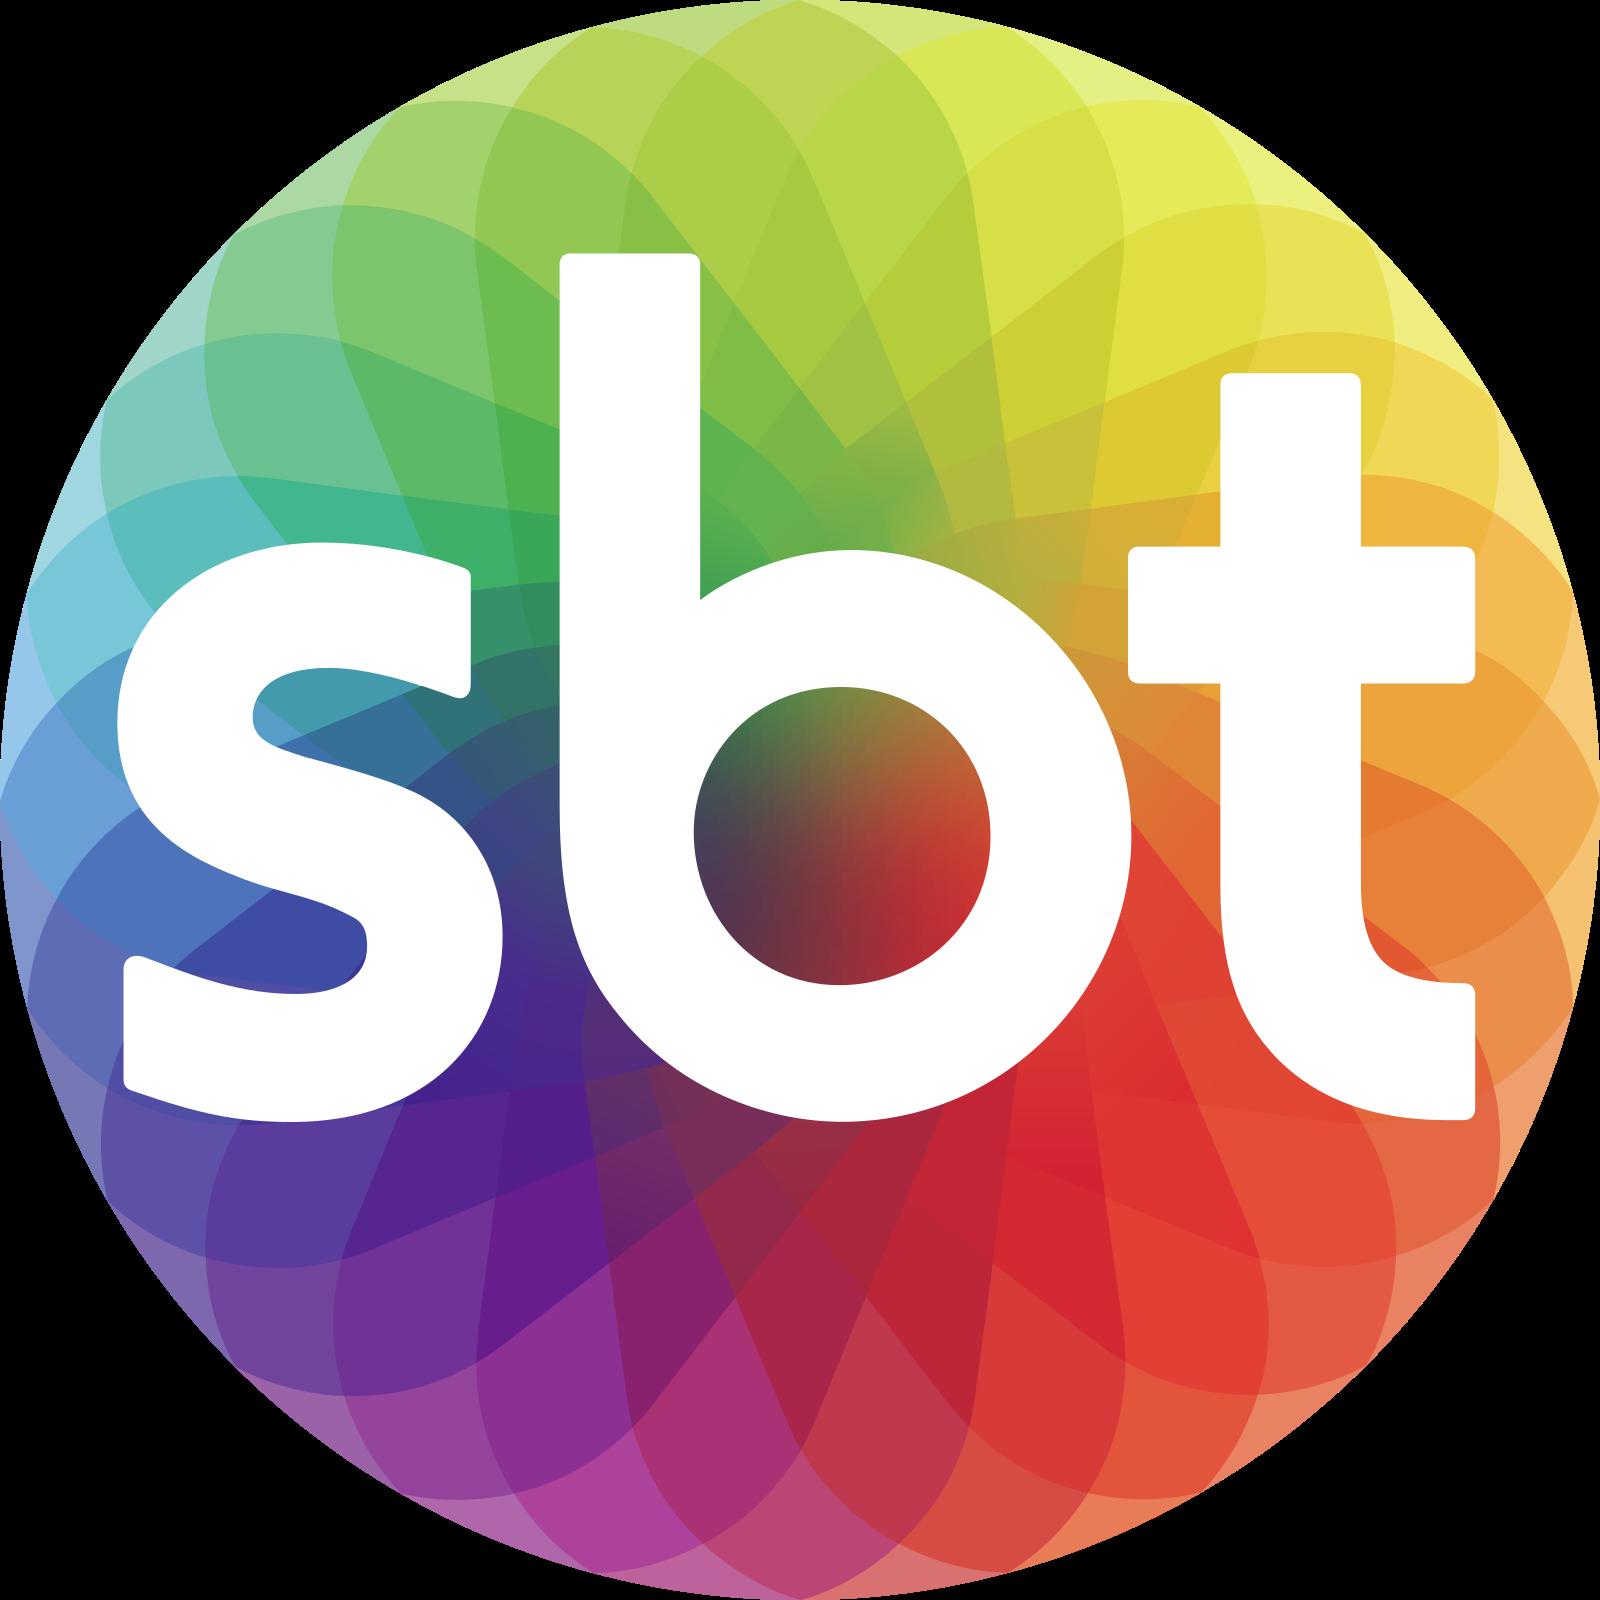 Número do SBT.